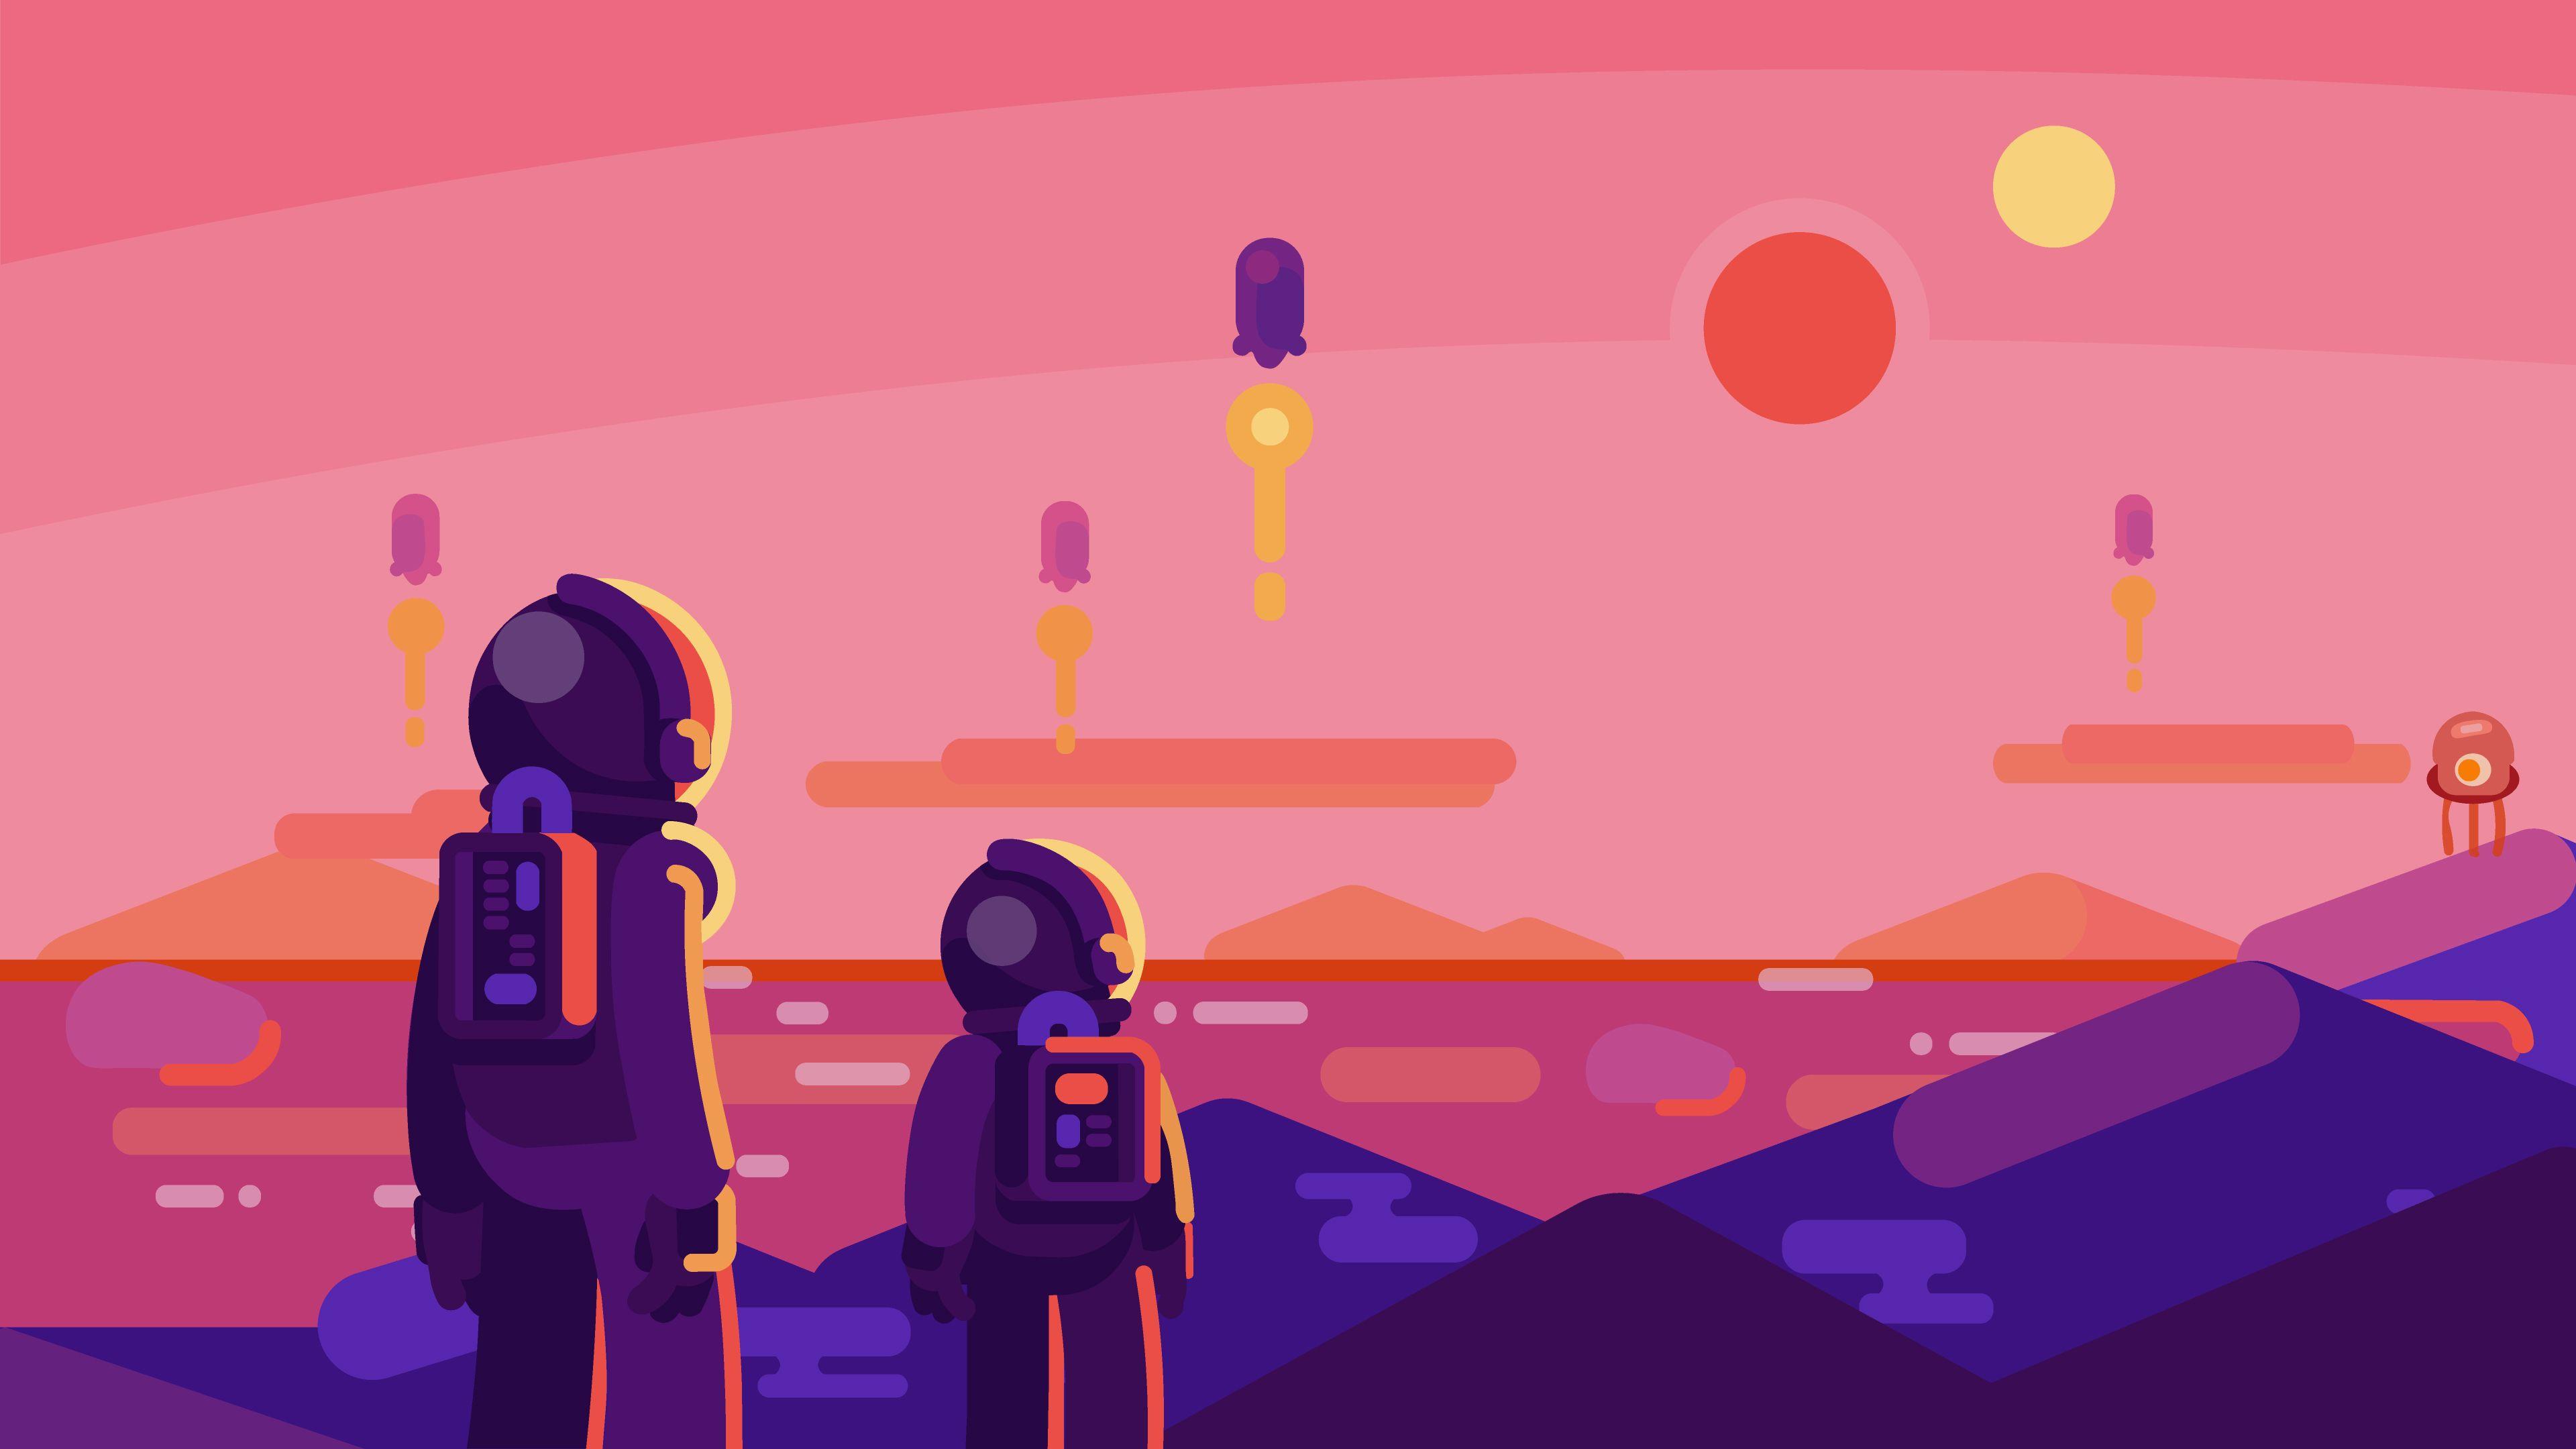 Kurzgesagt New Horizons [3840x2160] Desktop wallpaper